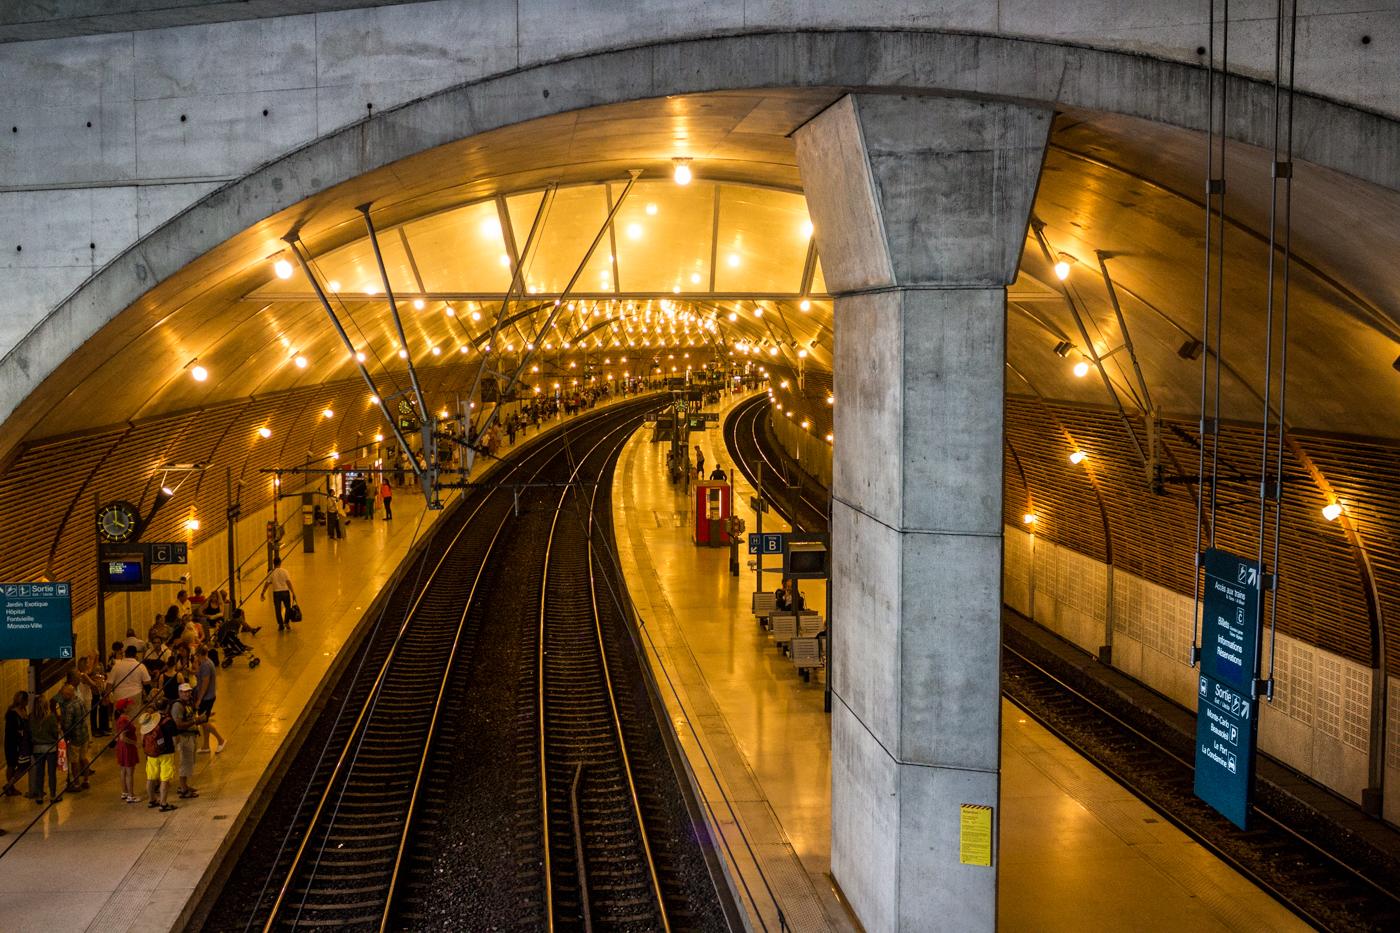 monte carlo casino to train station